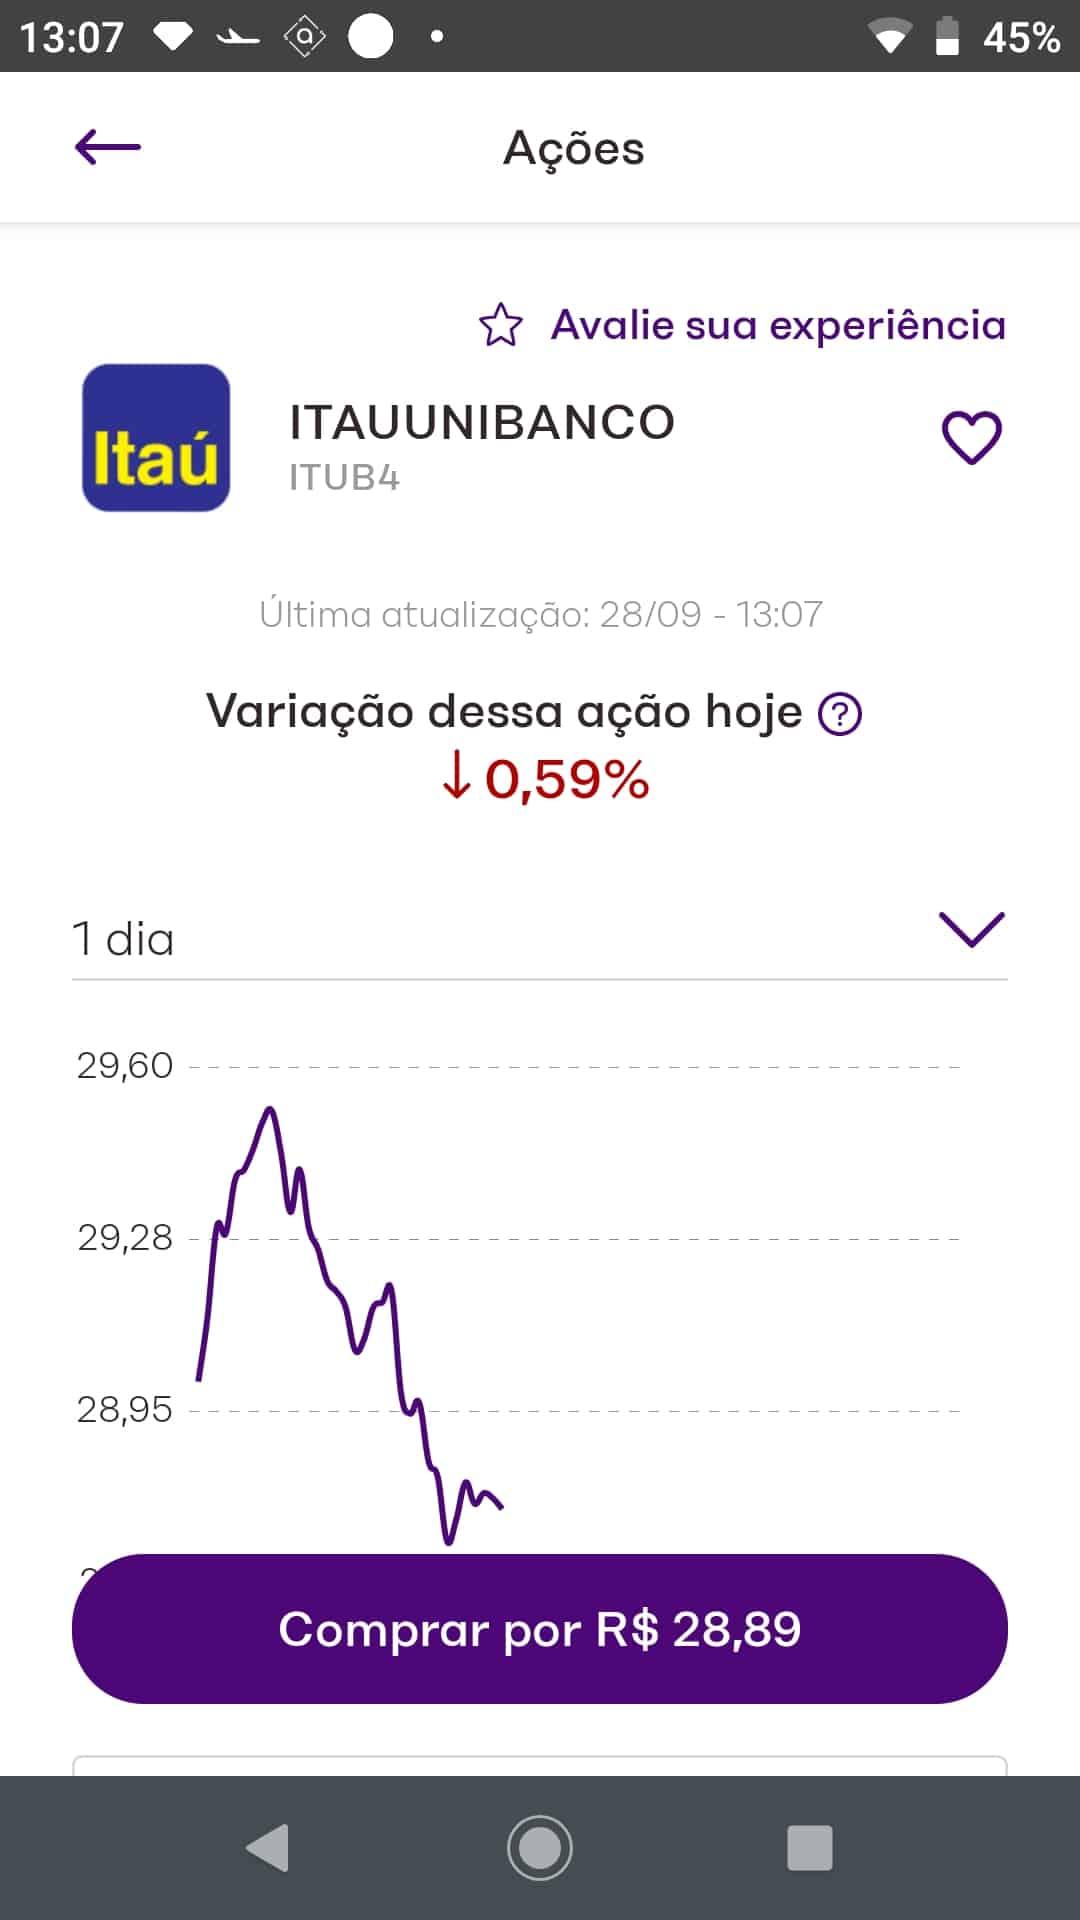 Home broker no aplicativo da nu invest